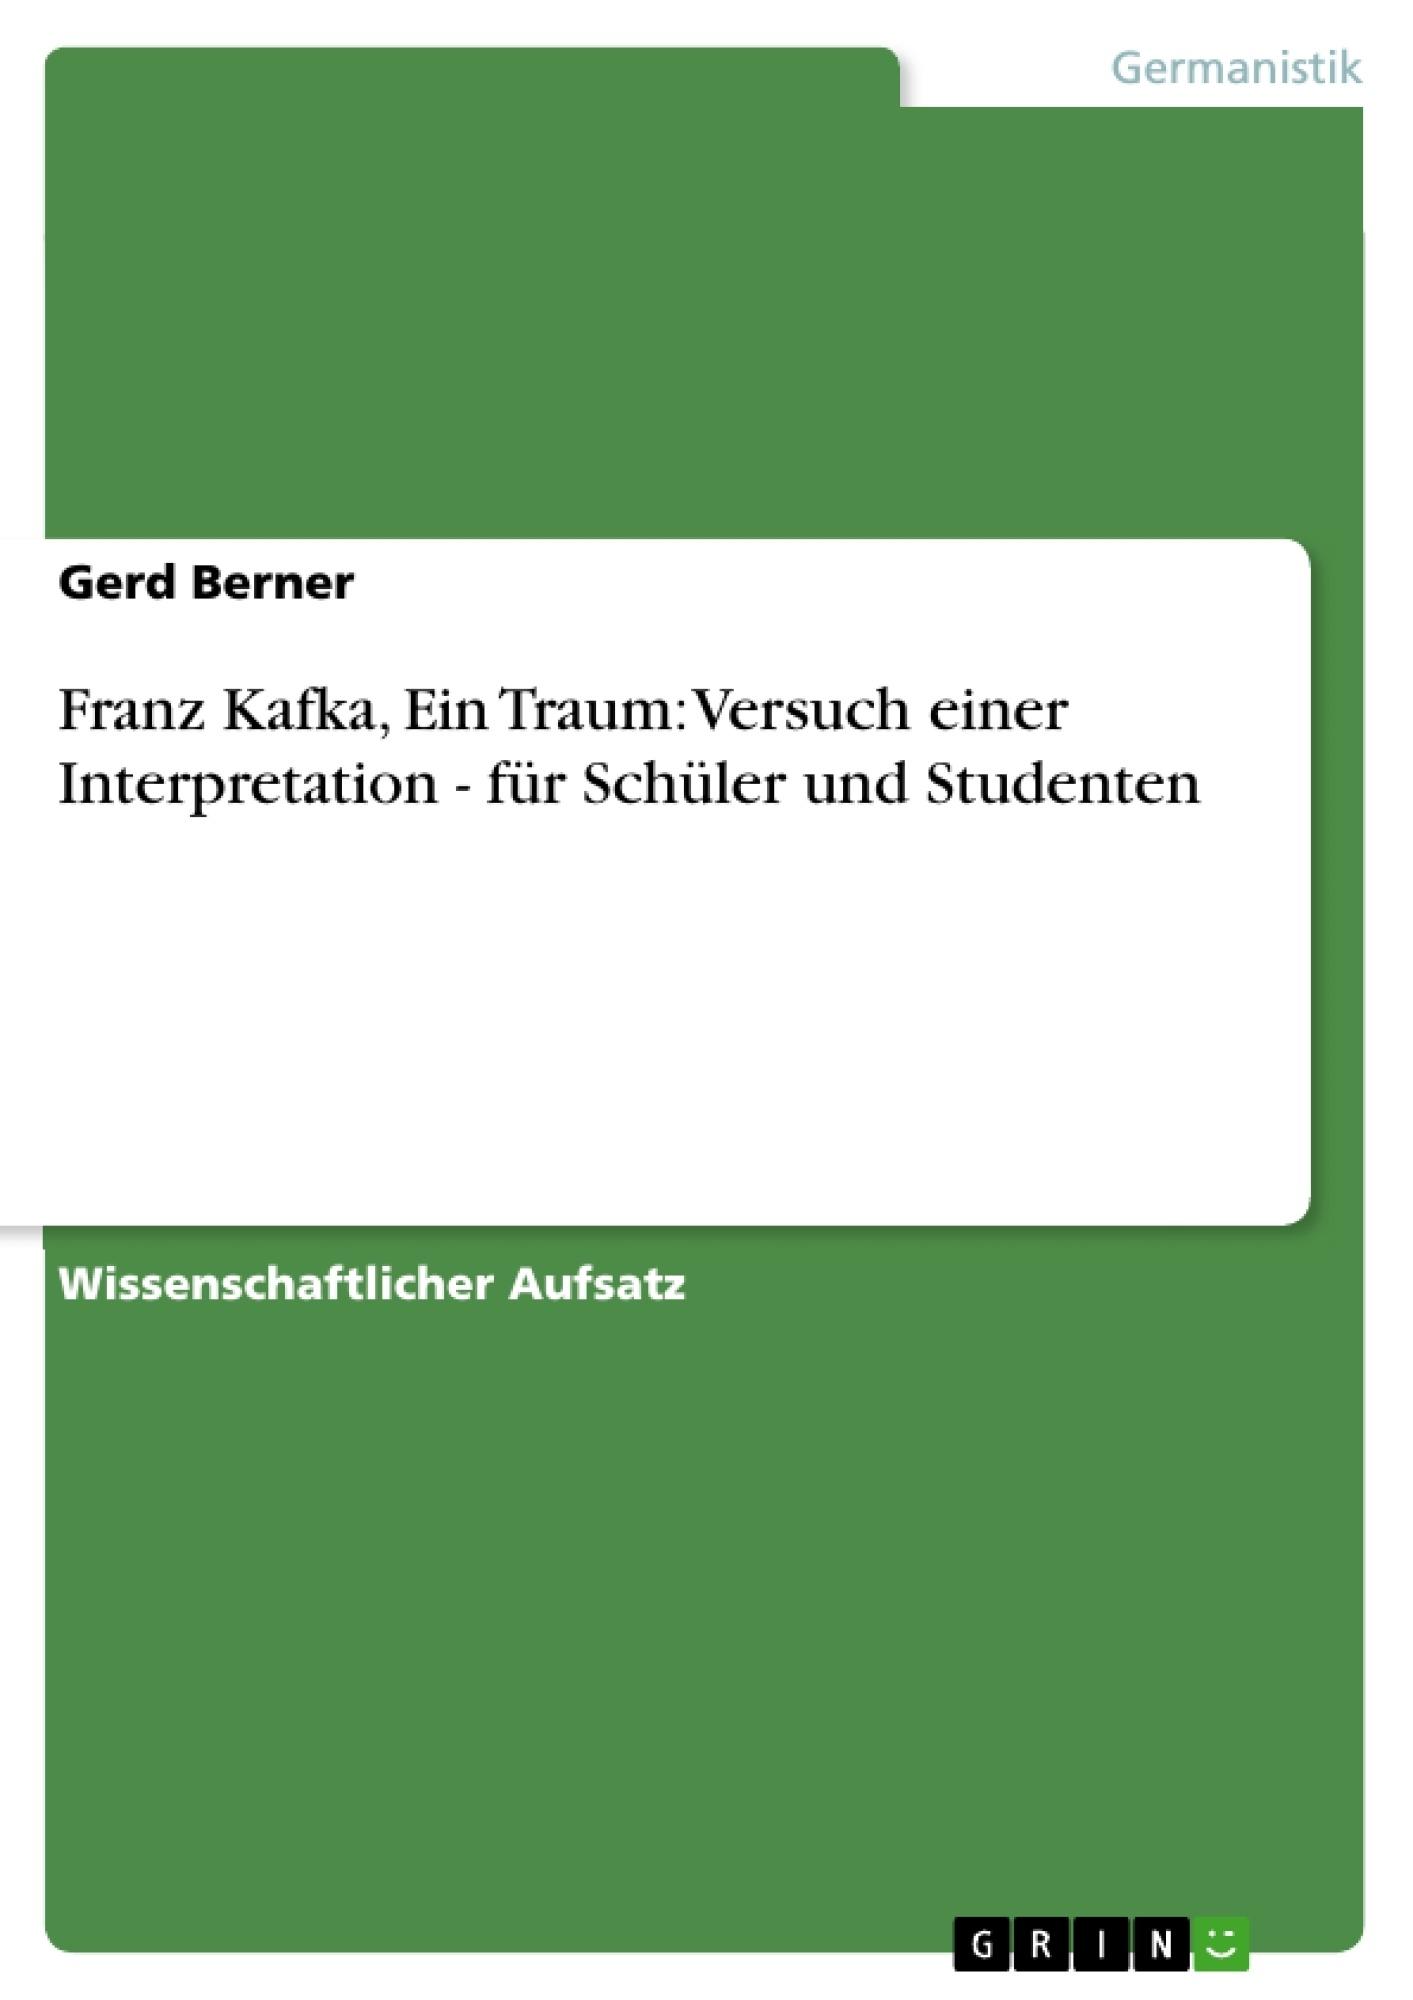 Titel: Franz Kafka, Ein Traum: Versuch einer Interpretation - für Schüler und Studenten